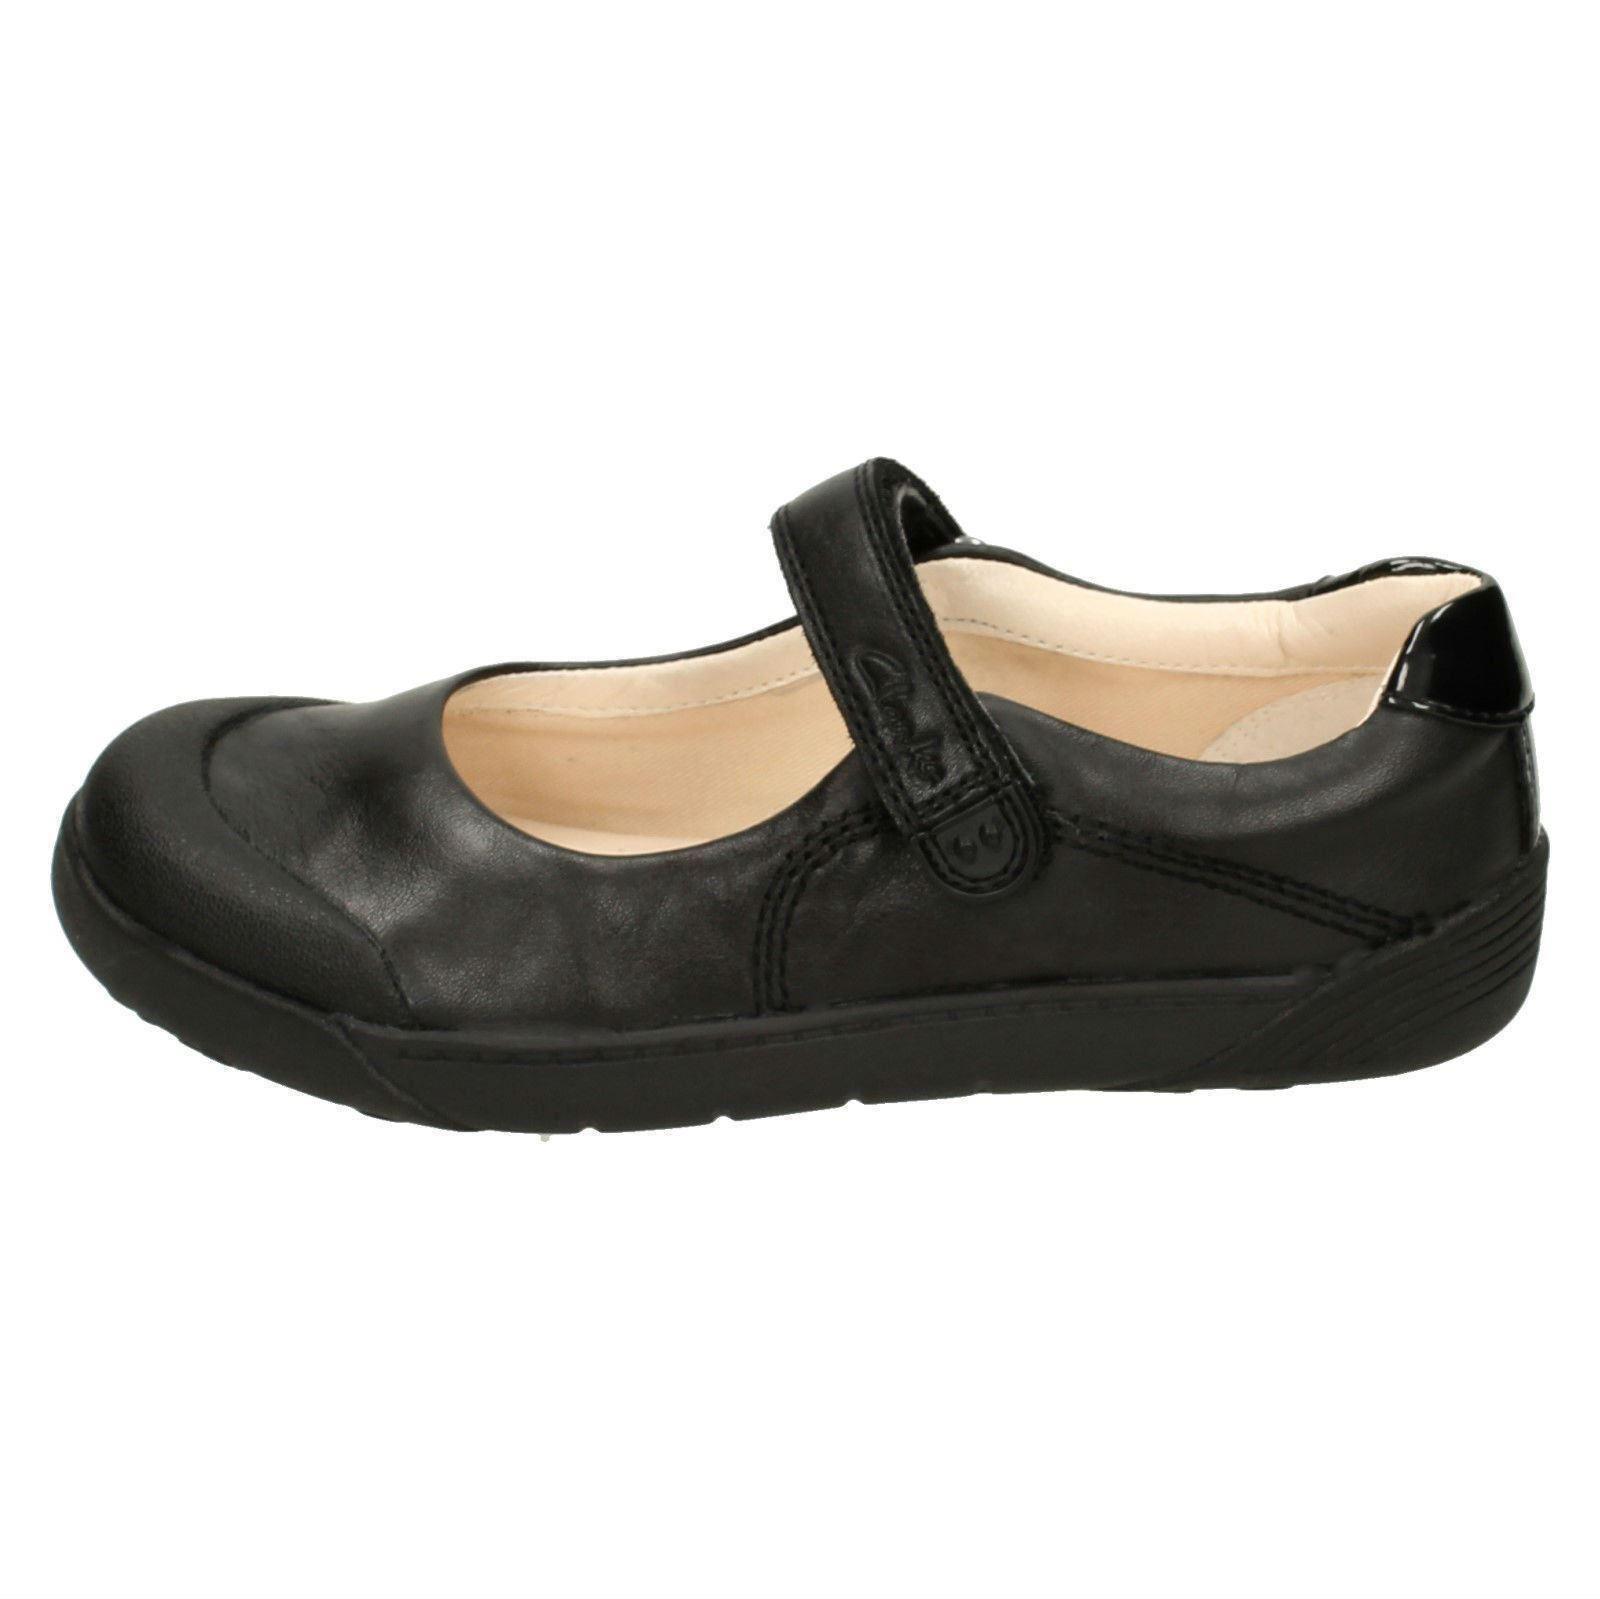 para de Mary Zapatos Jane niños Bud pequeños escolares cuero bebés Clarks Folk Black Lil ZqwZaCYx5